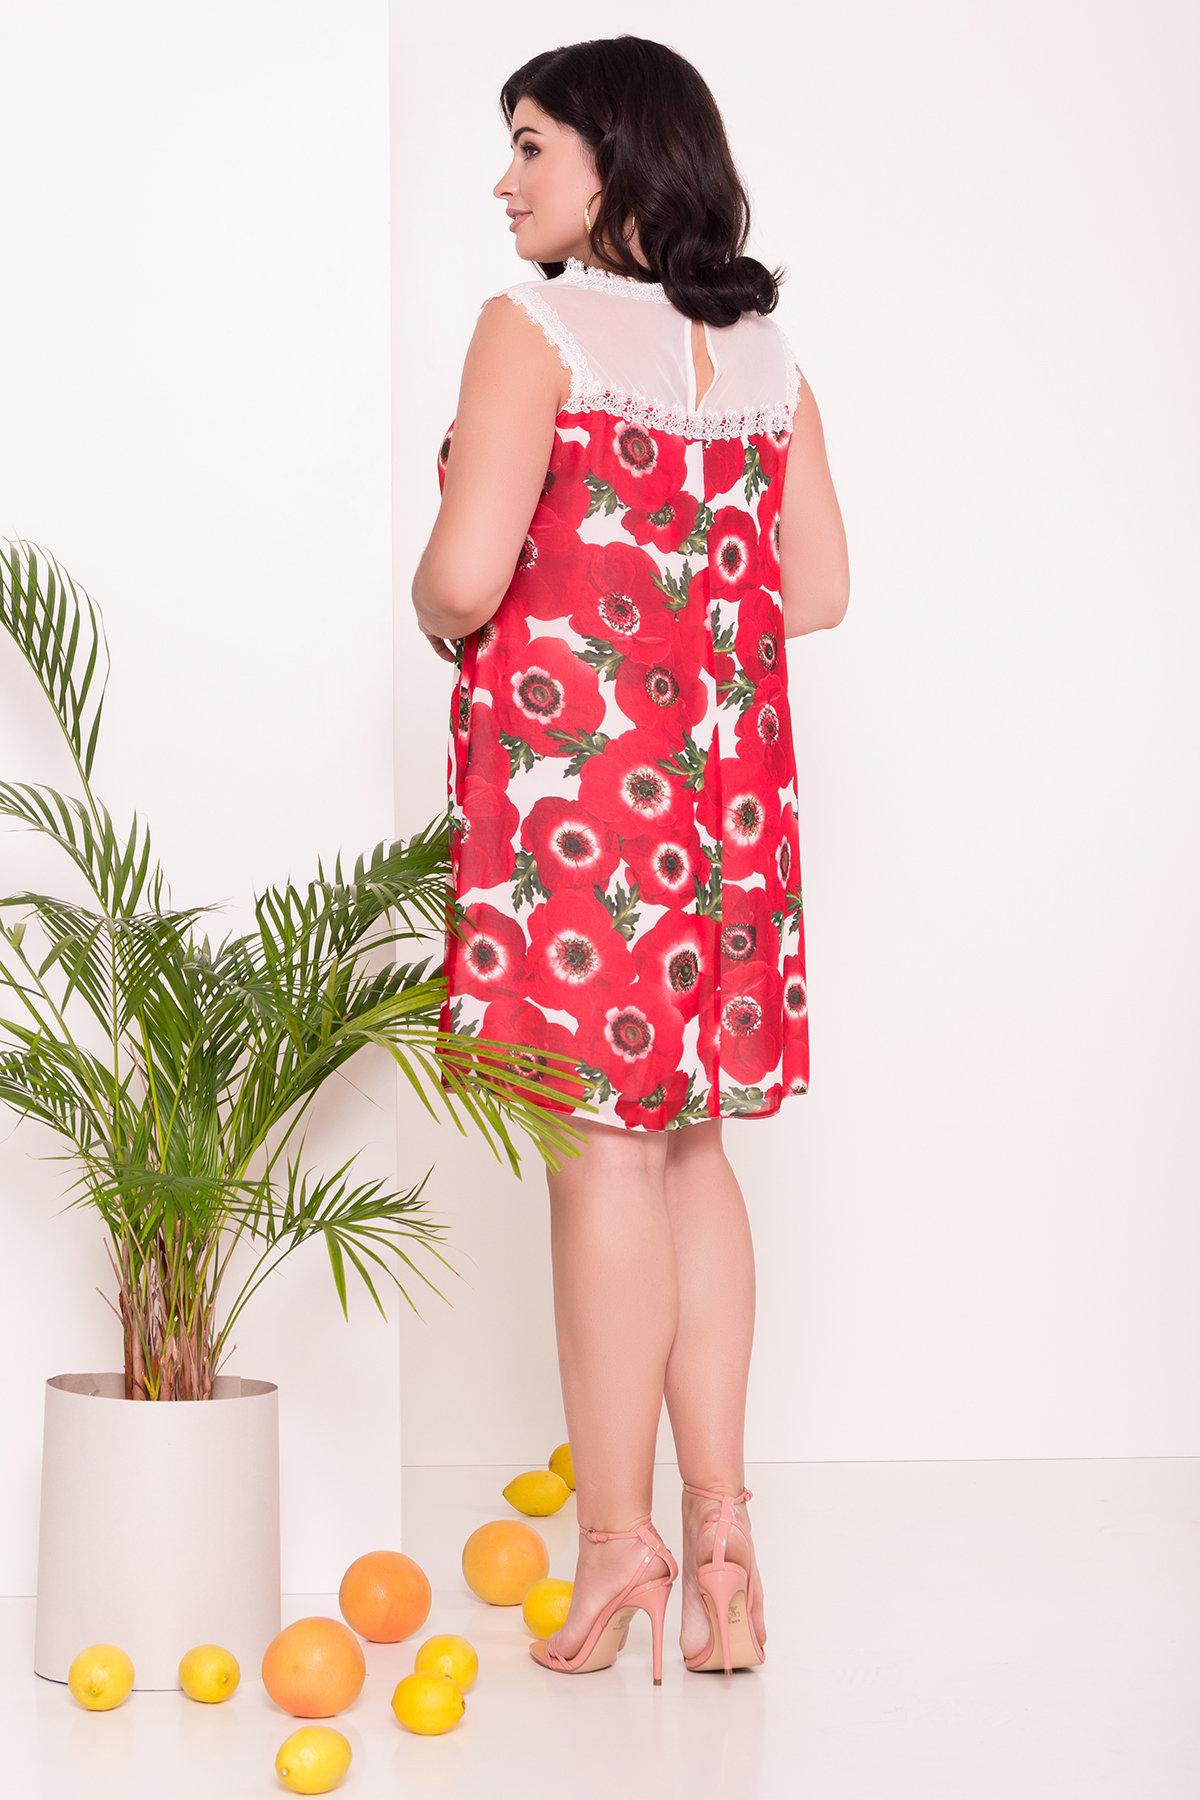 Платье Бриз Donna 7353 АРТ. 43163 Цвет: Маки молоко - фото 2, интернет магазин tm-modus.ru